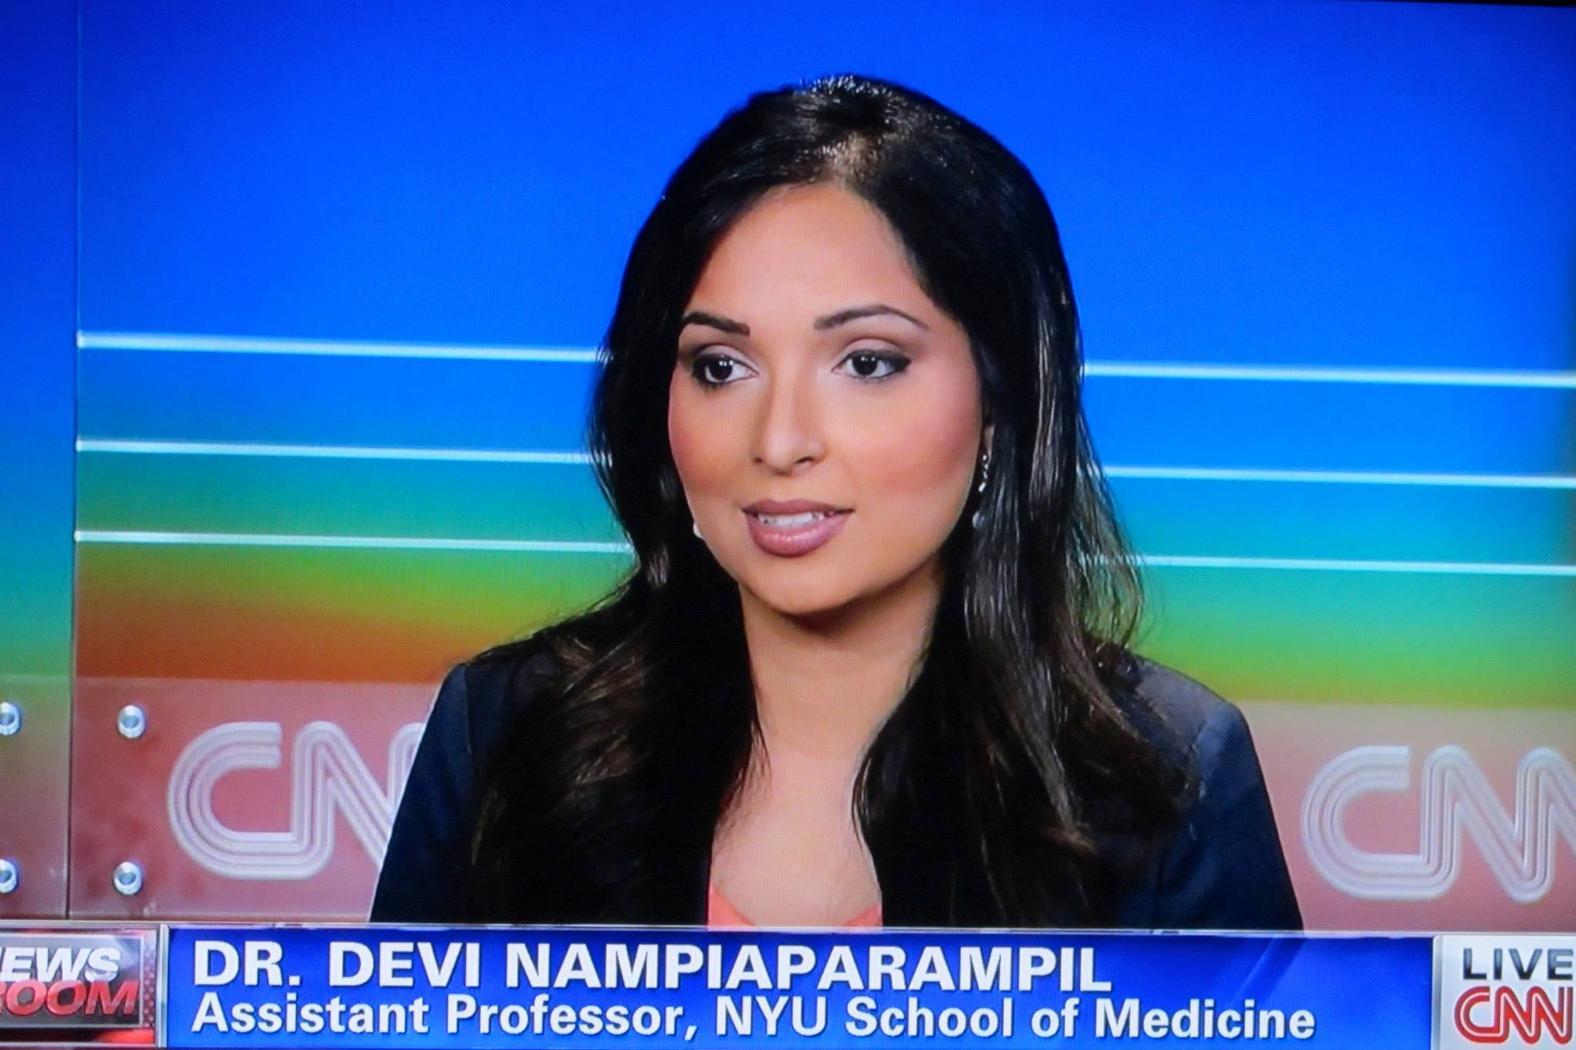 Dr. Devi Nampiaparampil